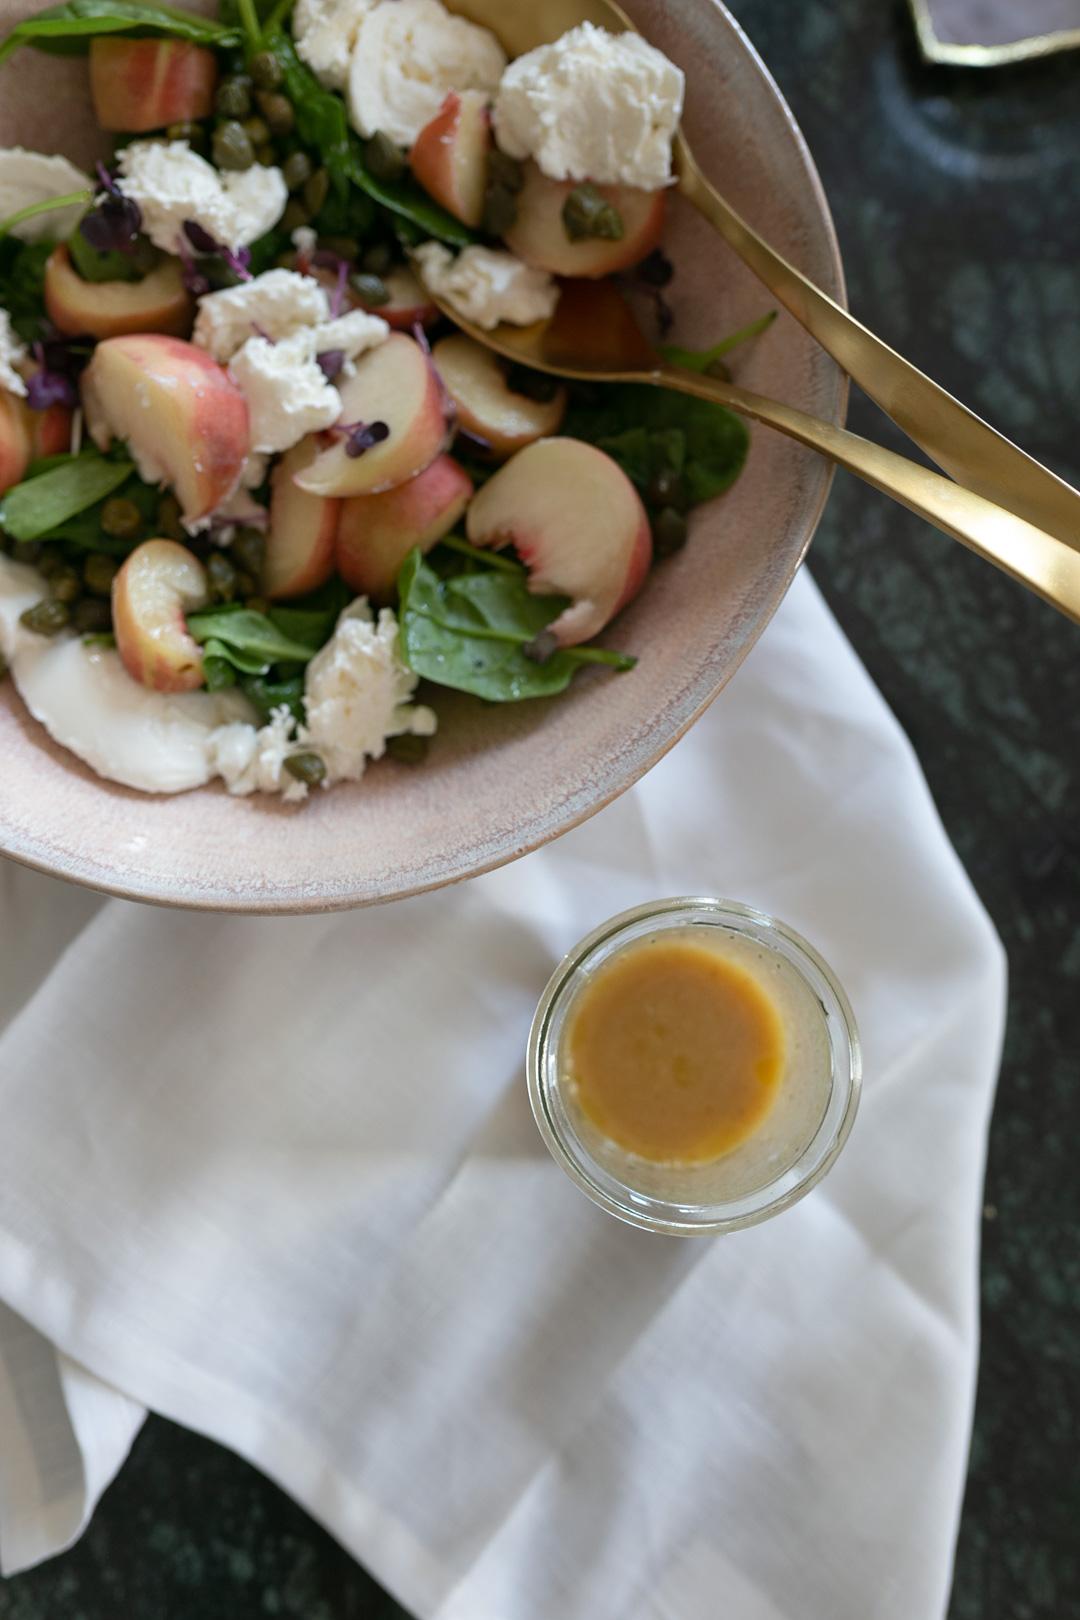 Rezept für einen spätsommerlichen Salat | www.piecesofmariposa.com